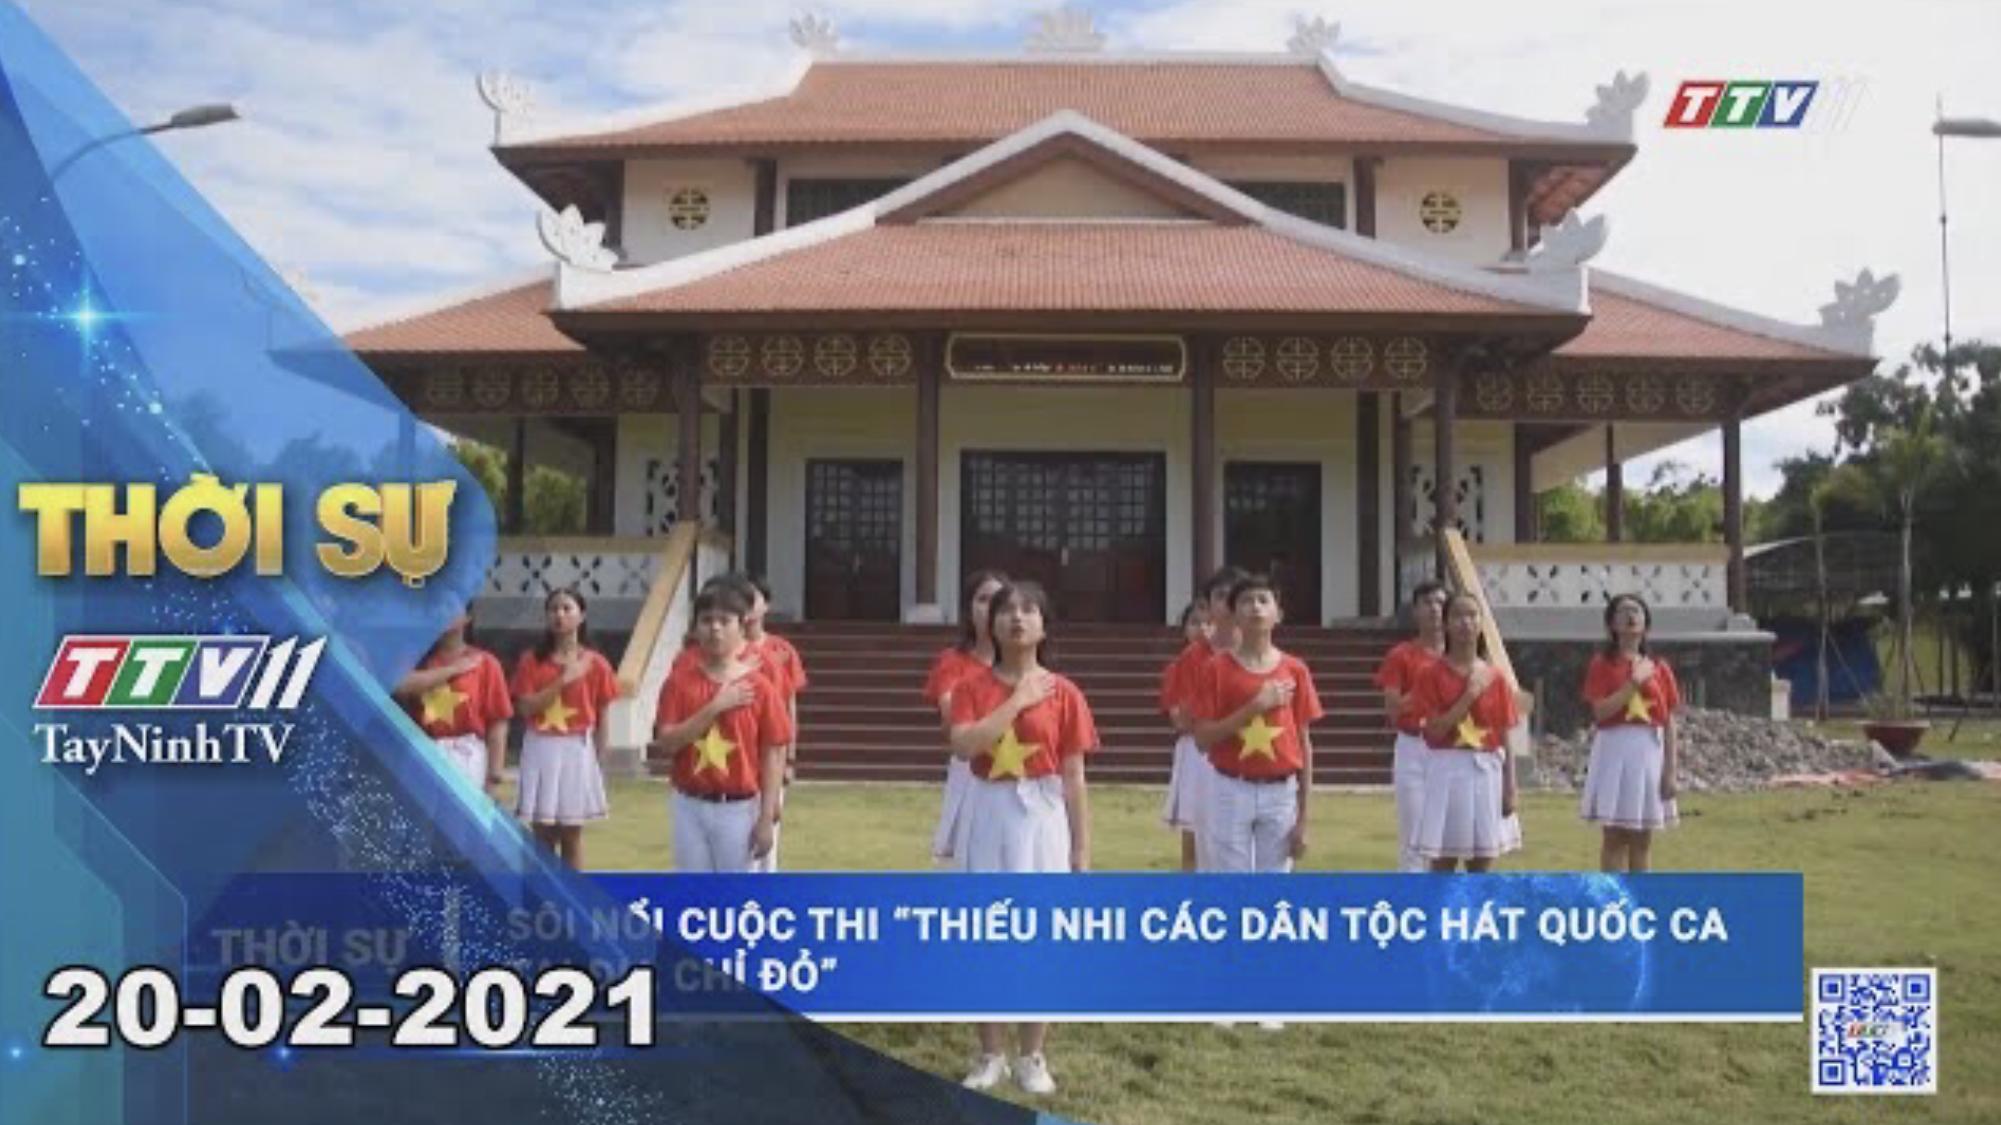 Thời sự Tây Ninh 20-02-2021 | Tin tức hôm nay | TayNinhTV